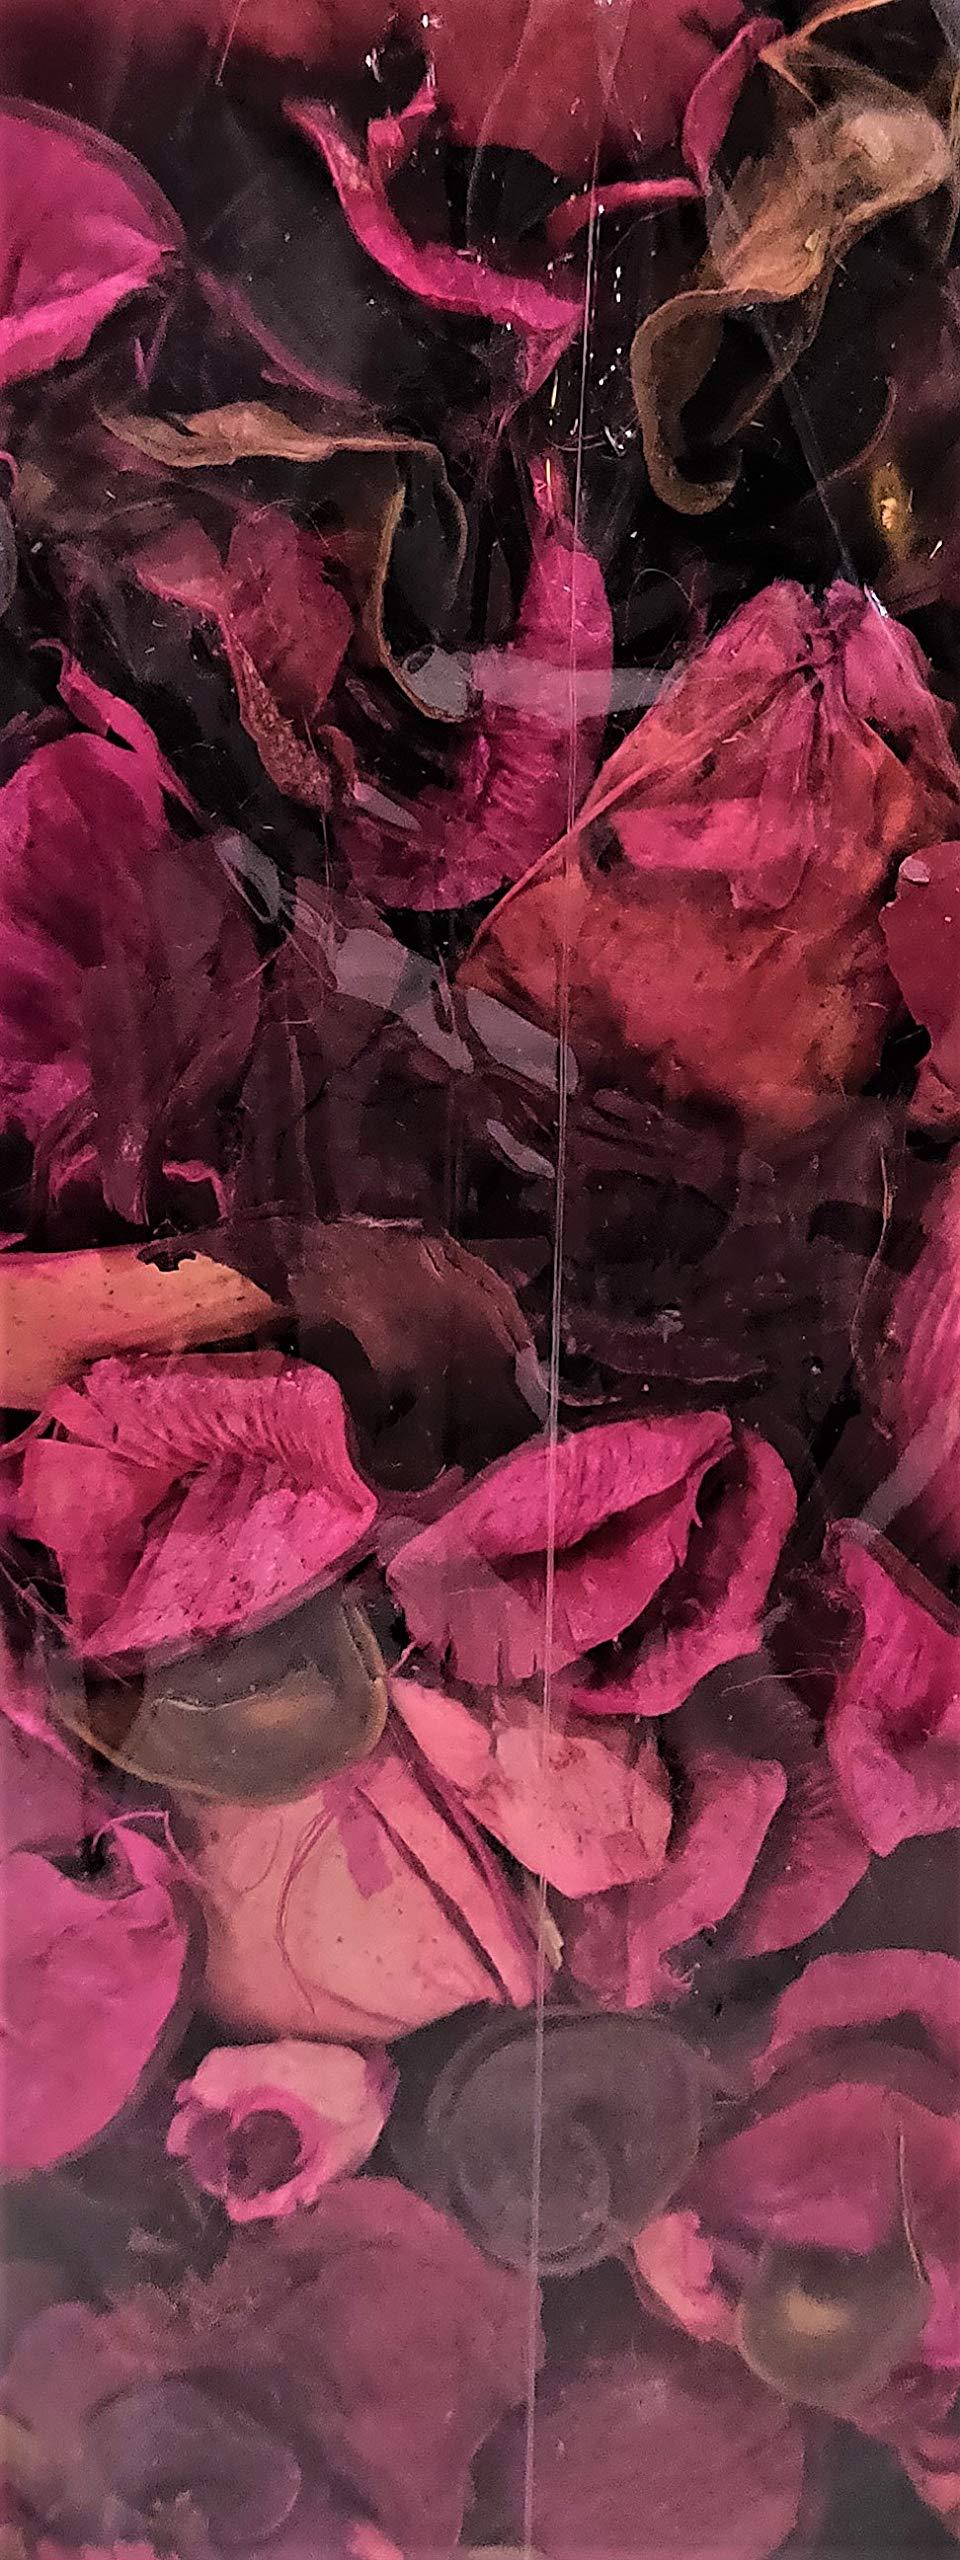 Beautiful Season Decorative Potpourri Bag - 8oz - Rose Petal by Beautiful Season (Image #2)